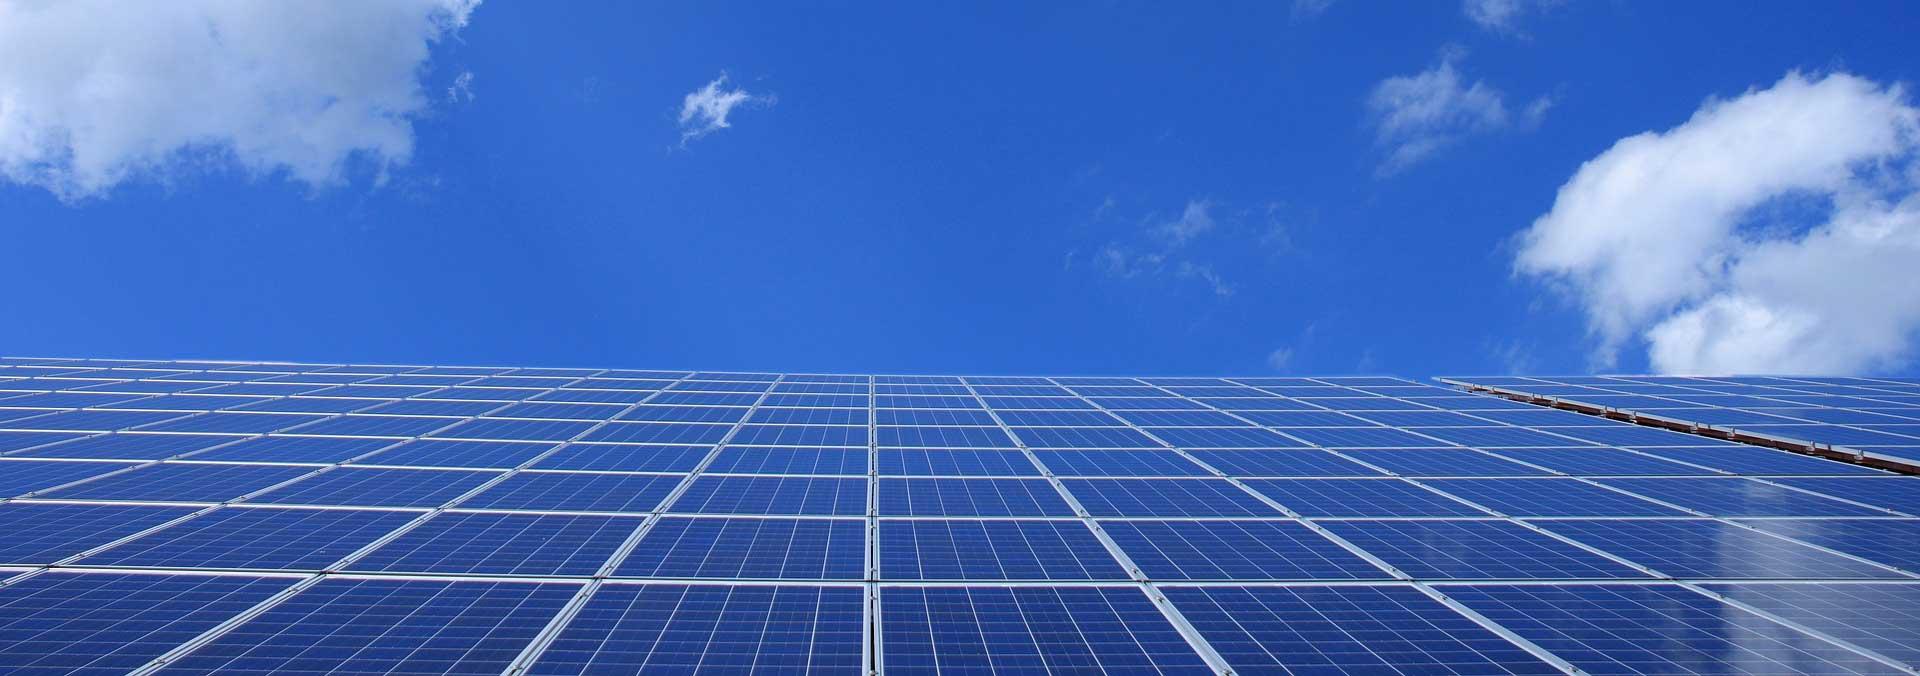 Solarreinigung Geräte, rotierende Bürste Photovoltaikreinigung